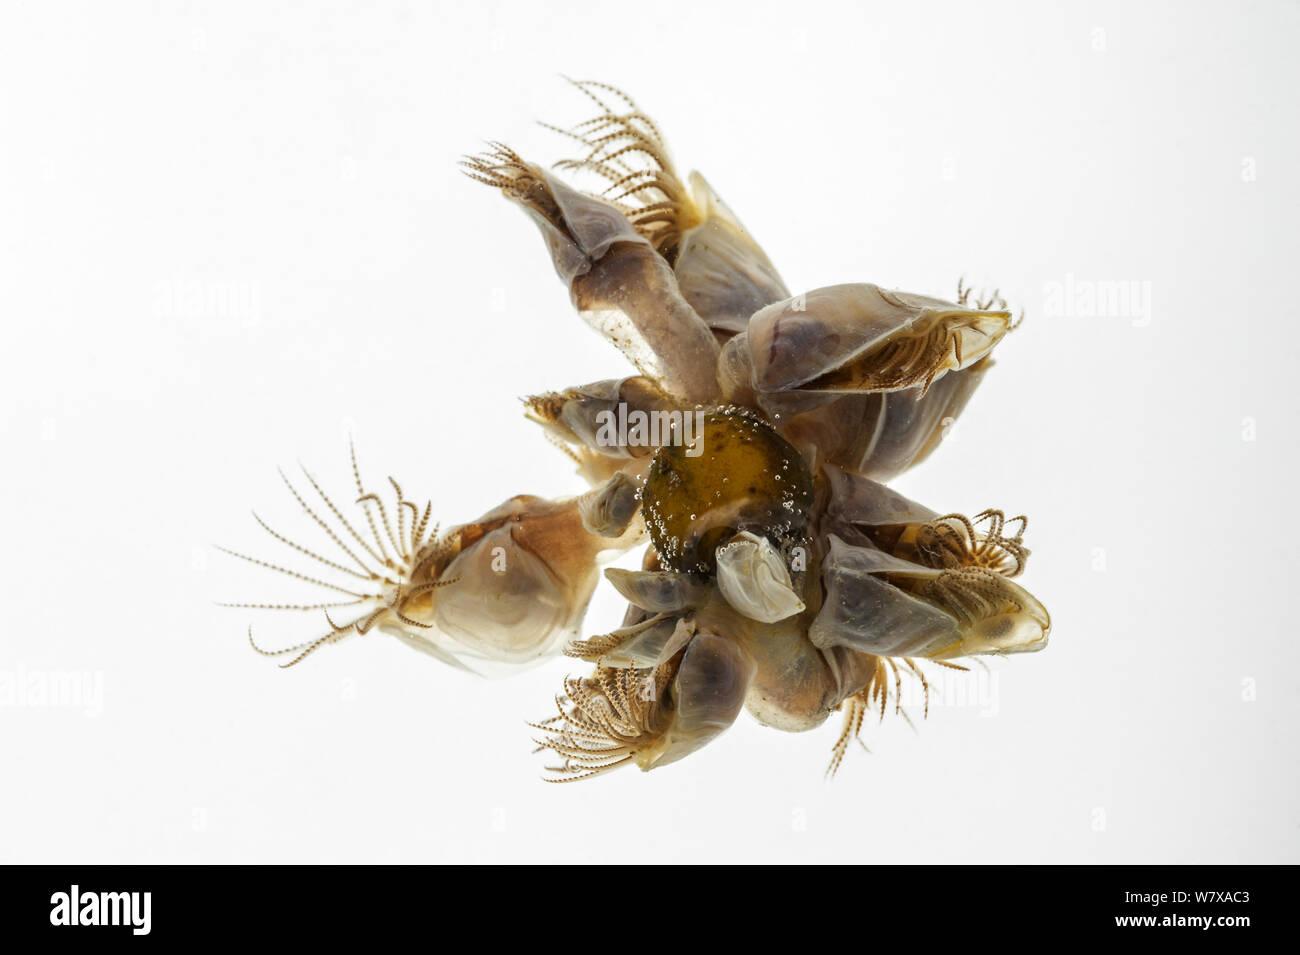 Blue goose barnacle / boa barnacle (Dosima fascicularis) contro uno sfondo bianco, la baia della Somme, Francia, Maggio. Foto Stock